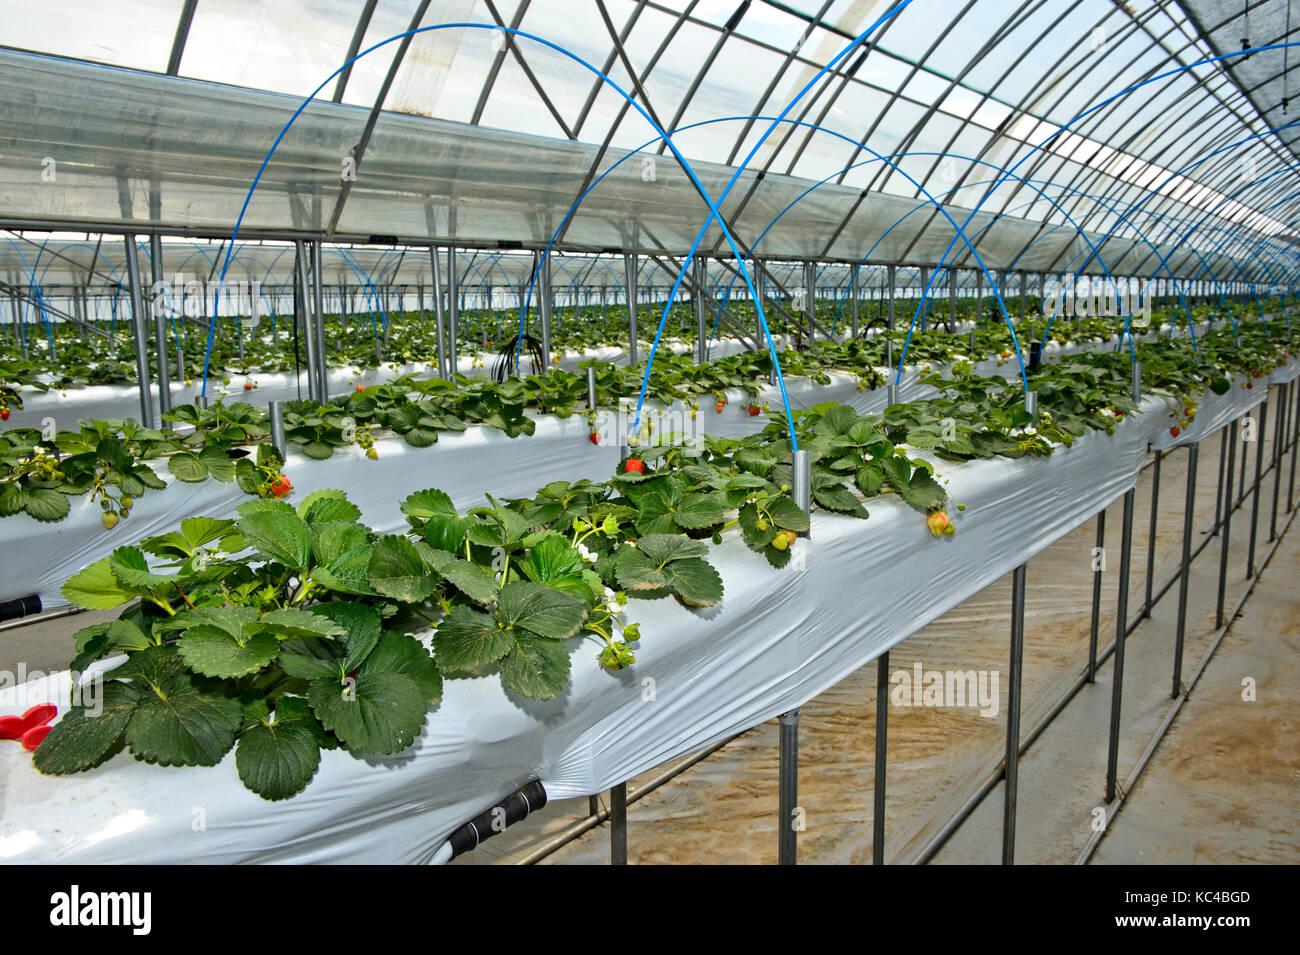 Dans la production de fraises, sans terre, substrats dans une serre, le mongol-joint venture japonaise ferme quotidienne Photo Stock